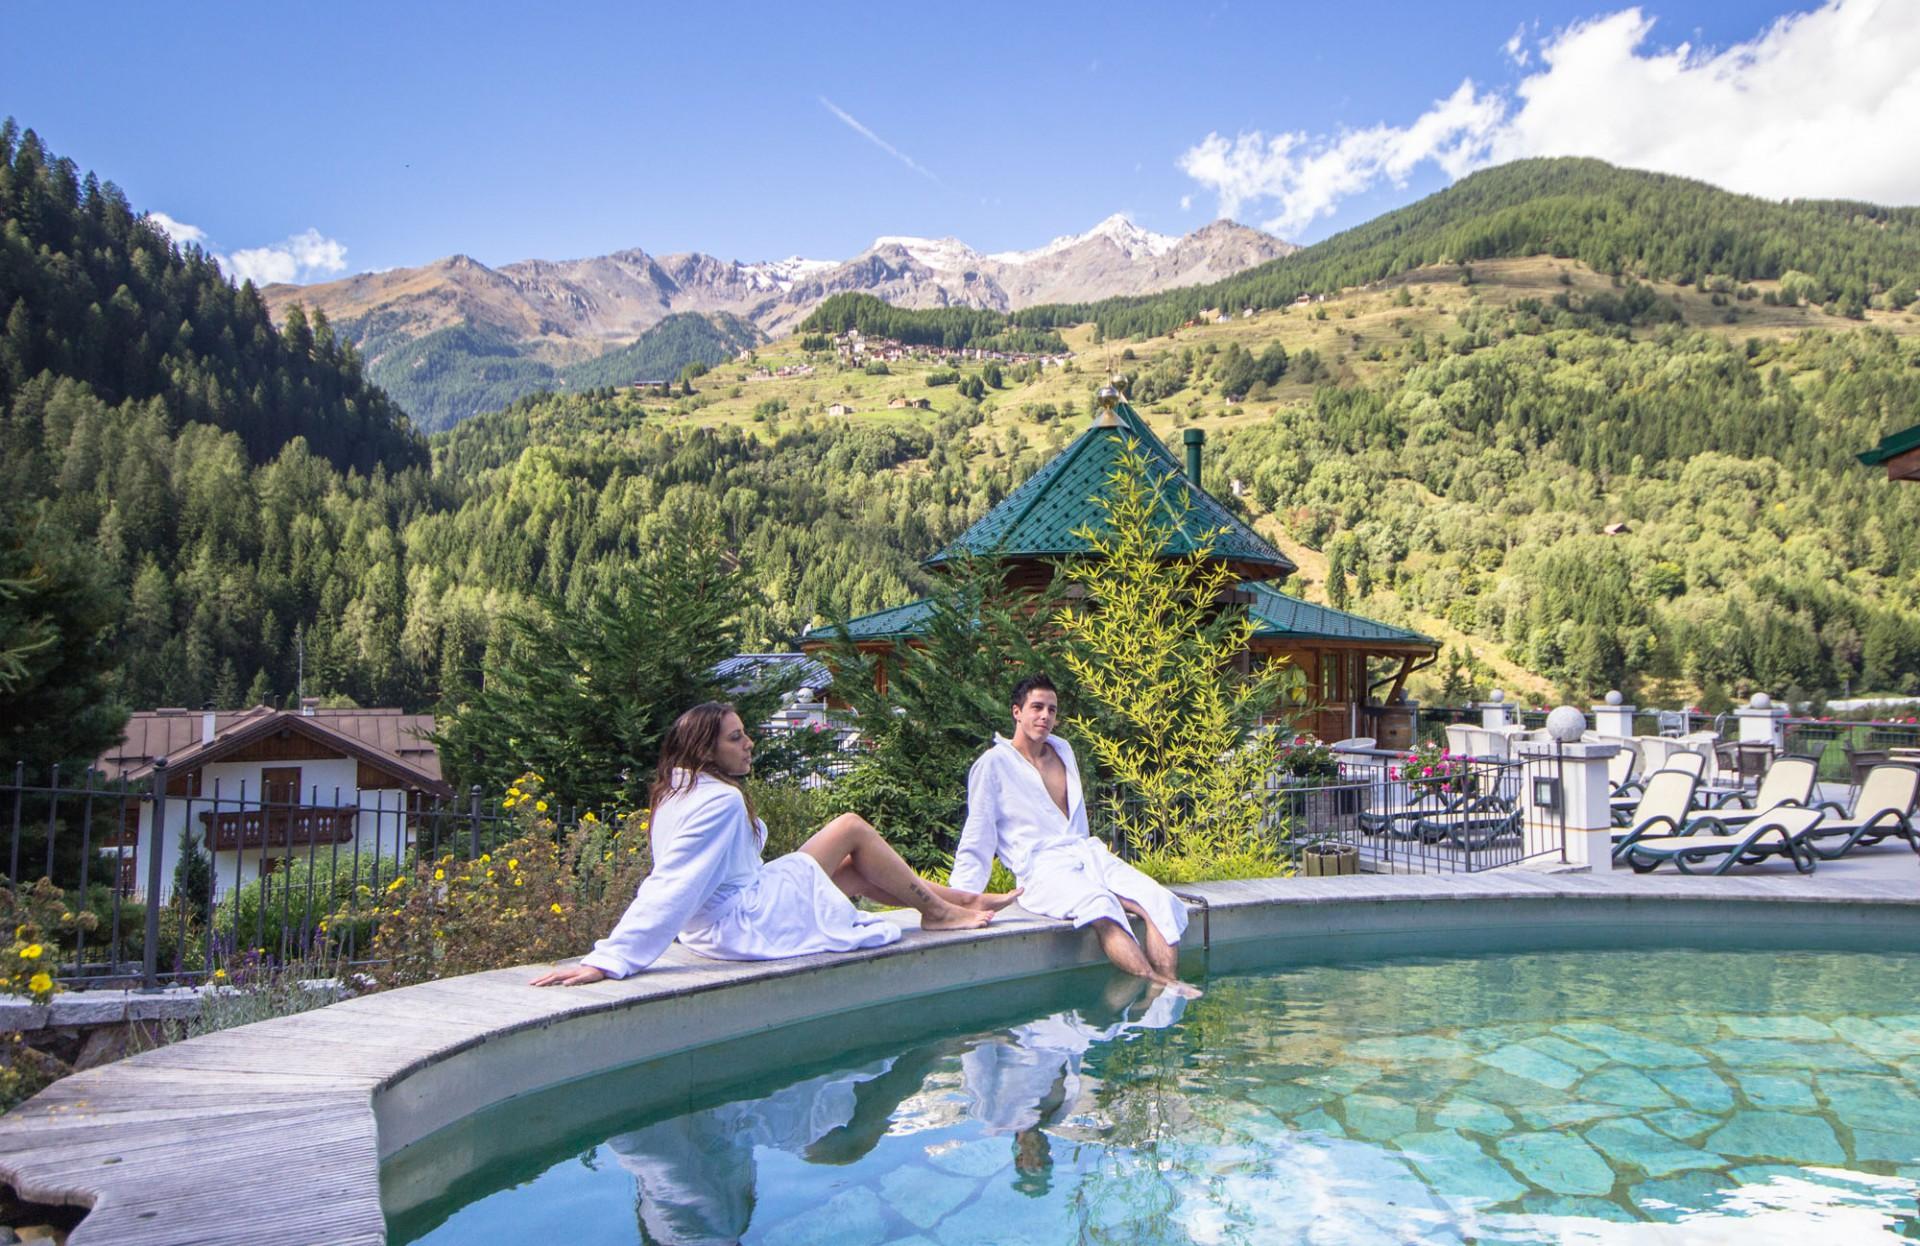 Immagine di testata per Vacanze romantiche in Trentino: ecco le nostre offerte!